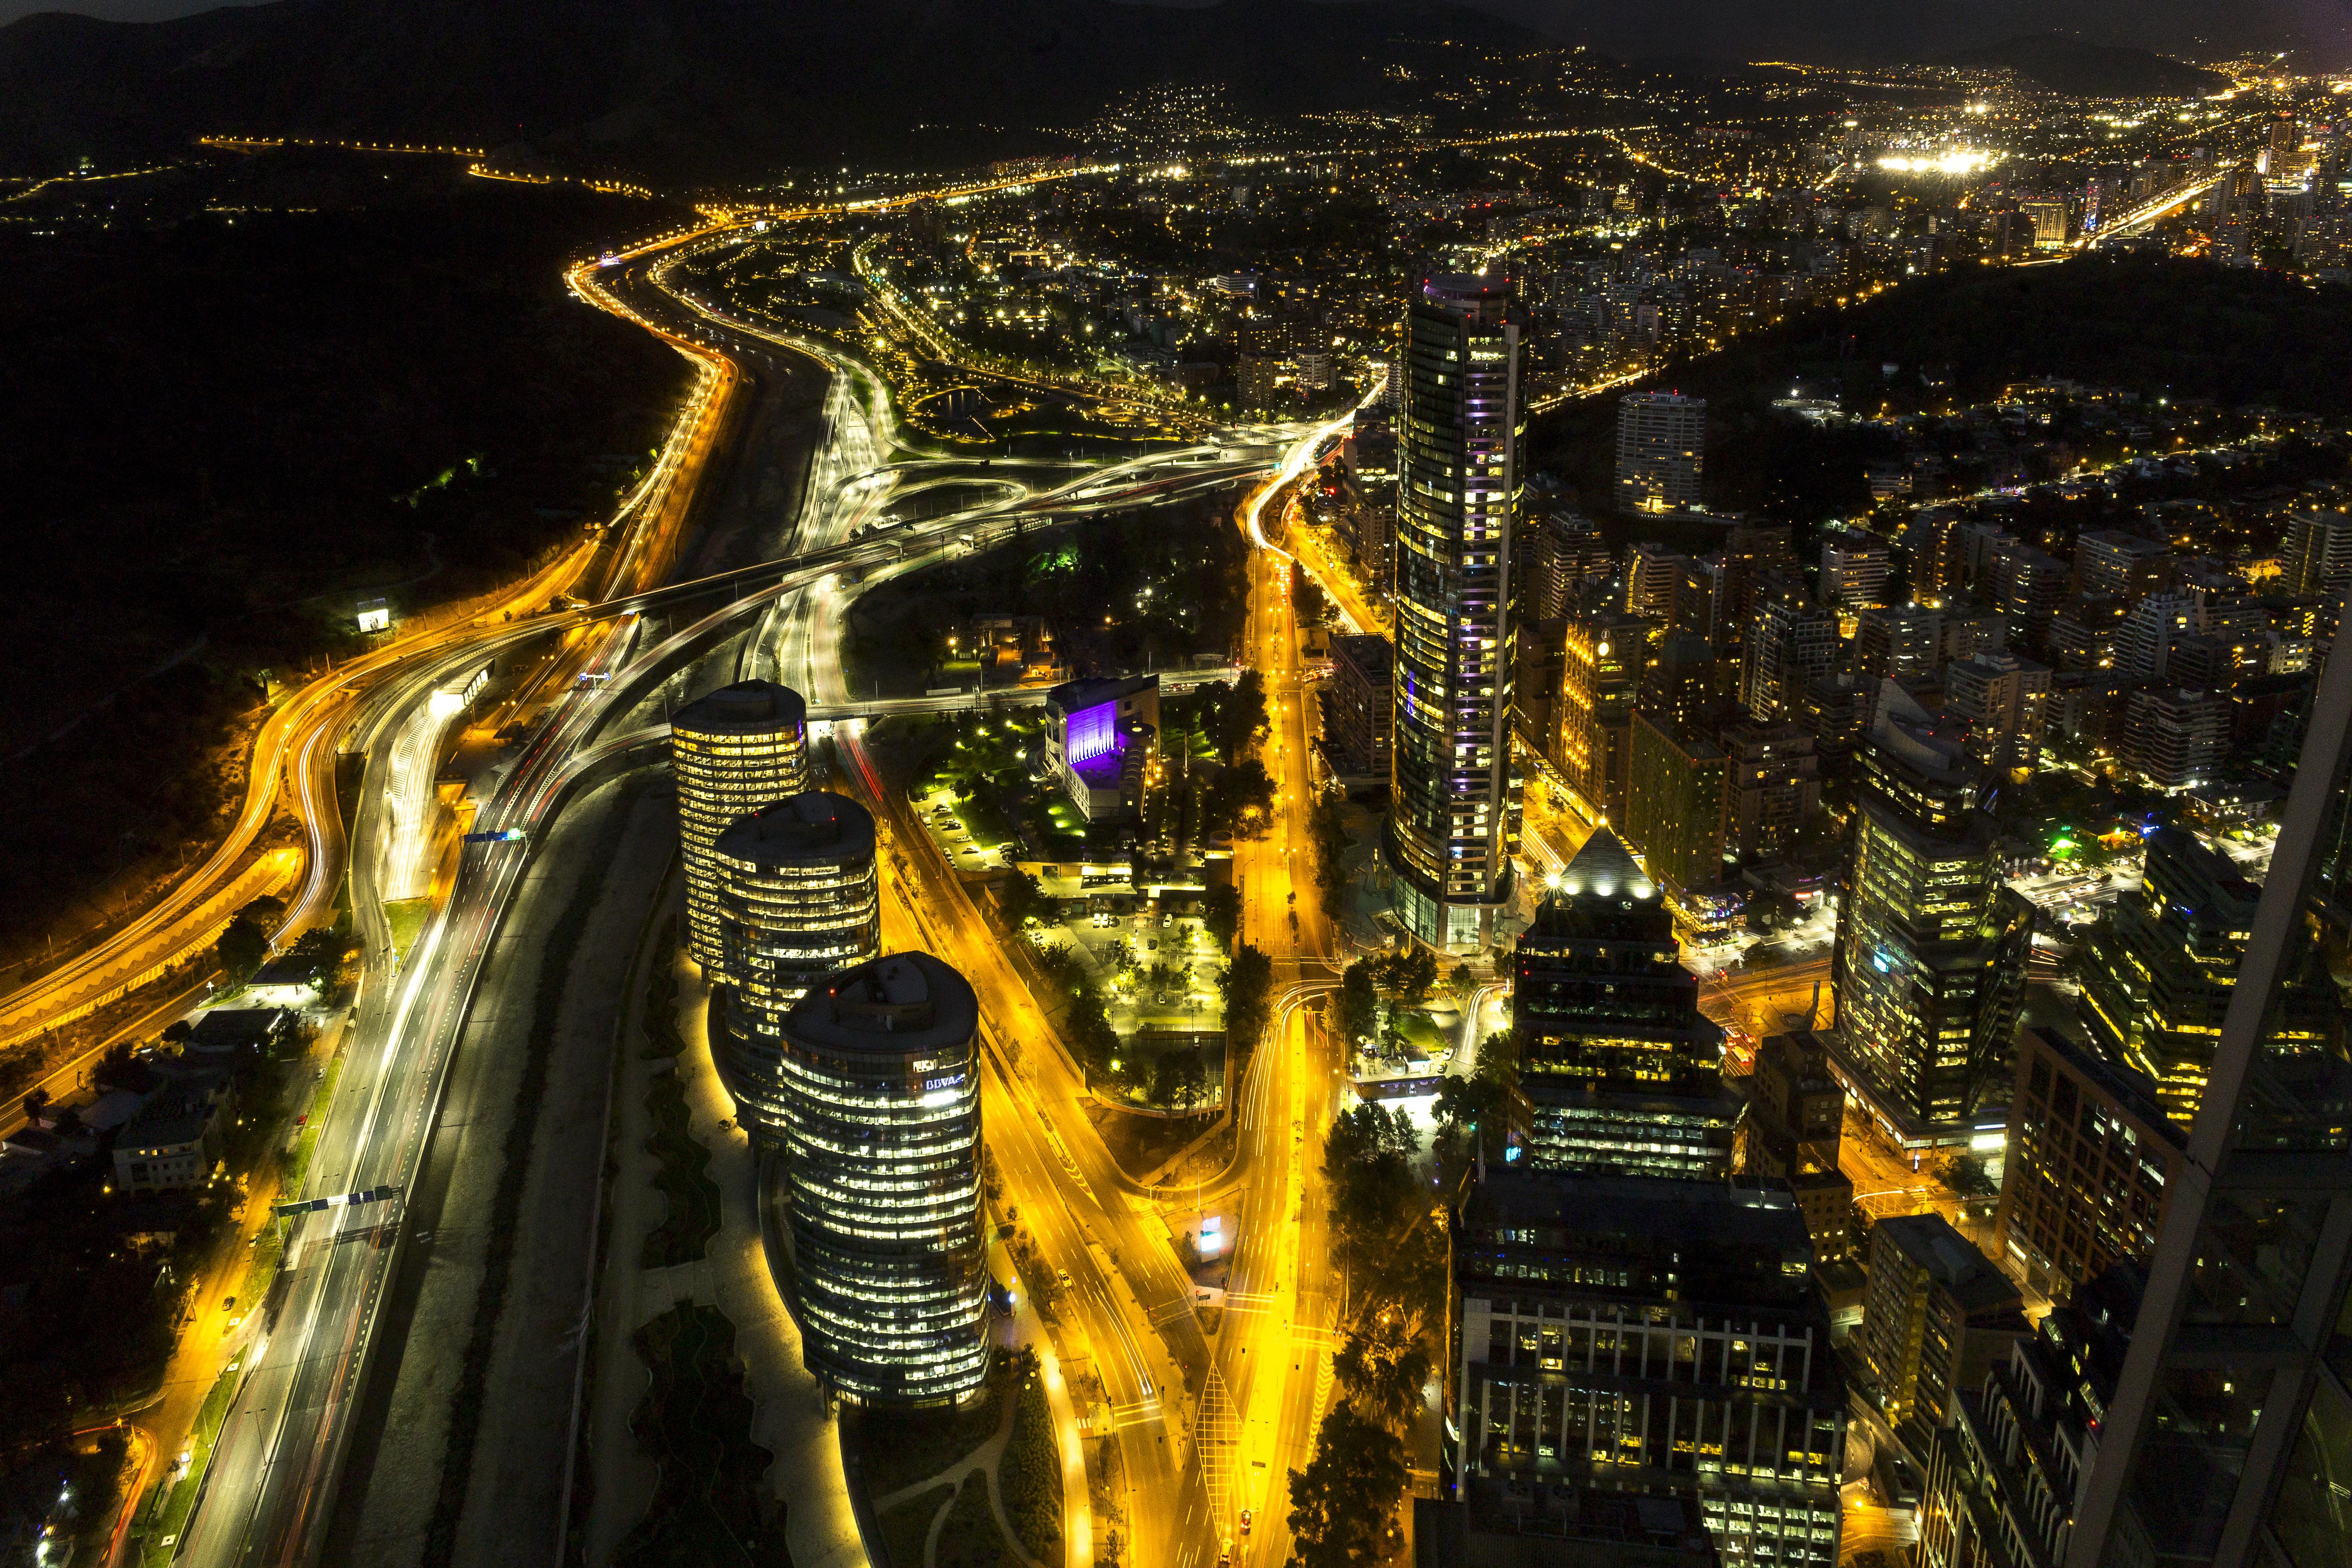 Vista aérea de Santiago y autopistas de noche